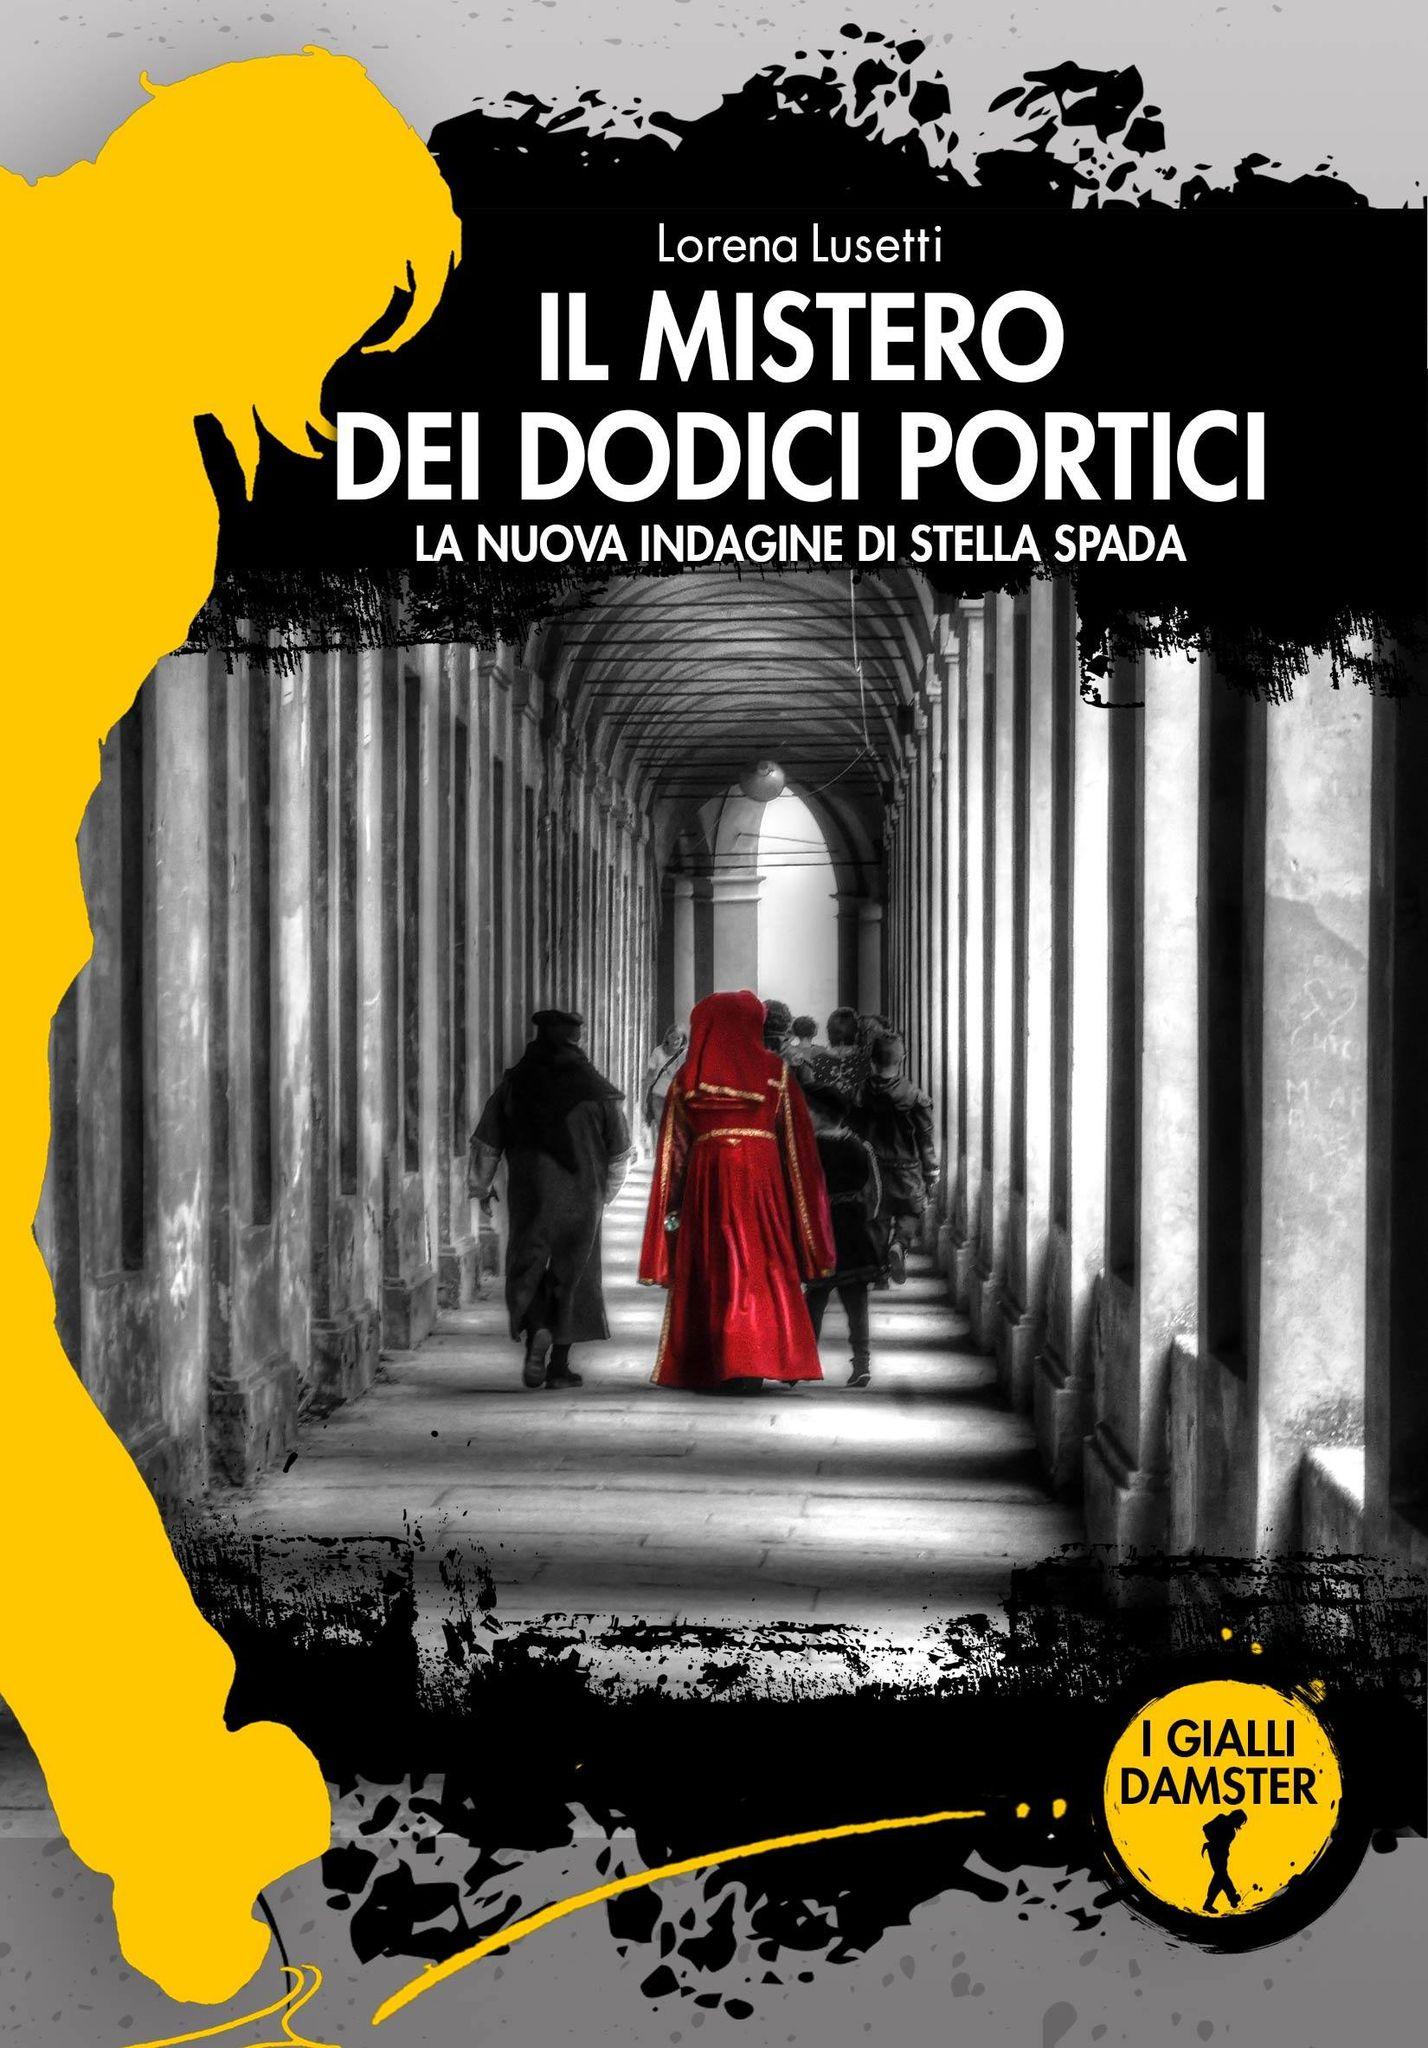 Il mistero dei dodici portici. Una indagine di Sella Spada, di Lorena Lusetti